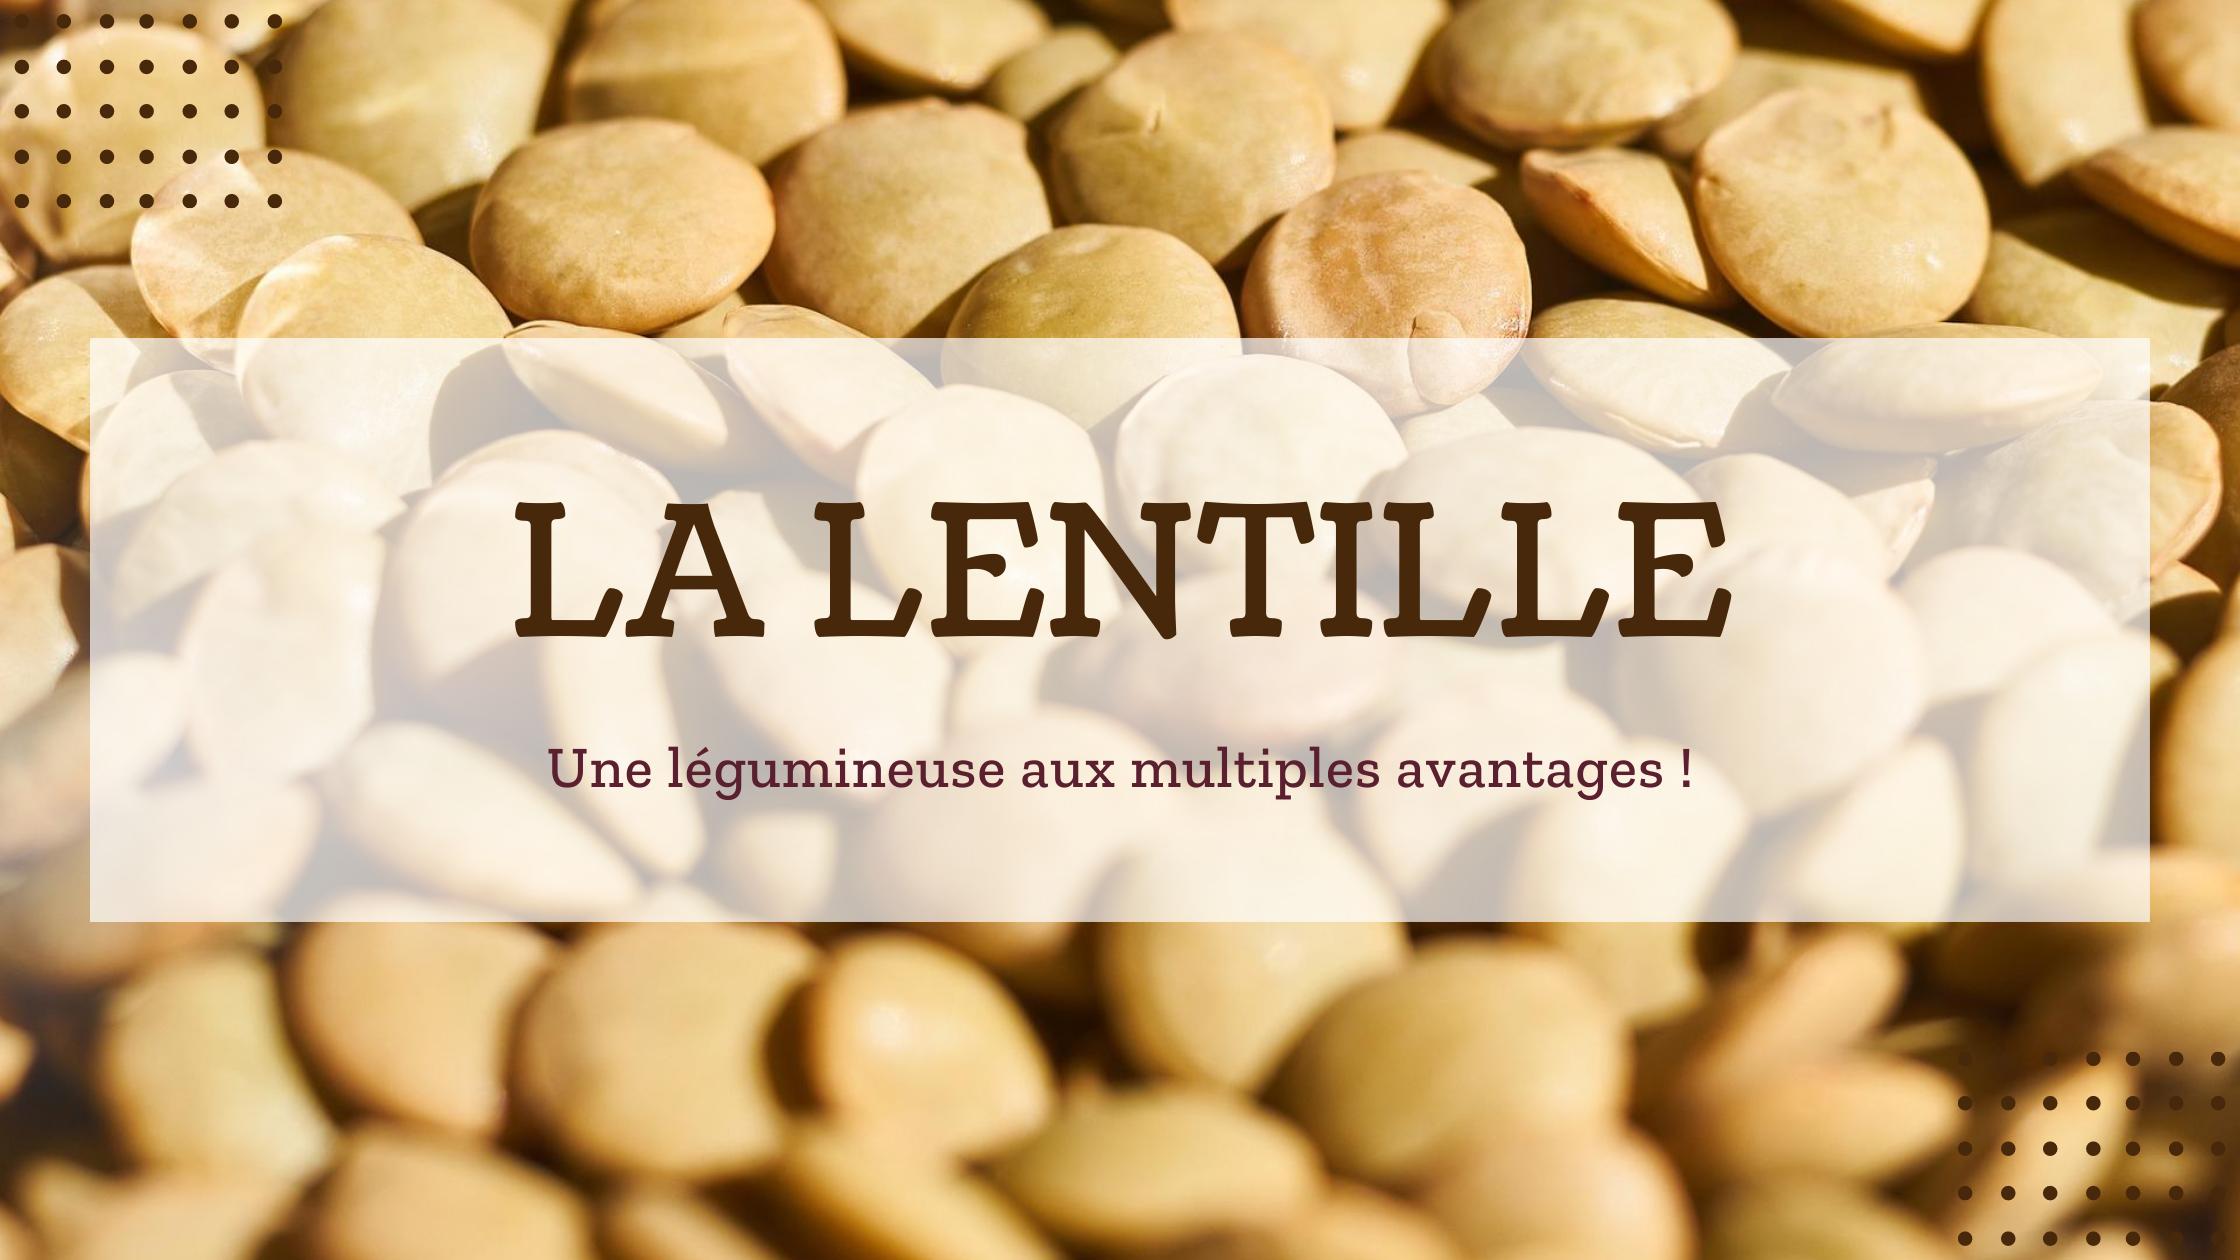 Lentille : une légumineuse idéale pour diversifier son assolement